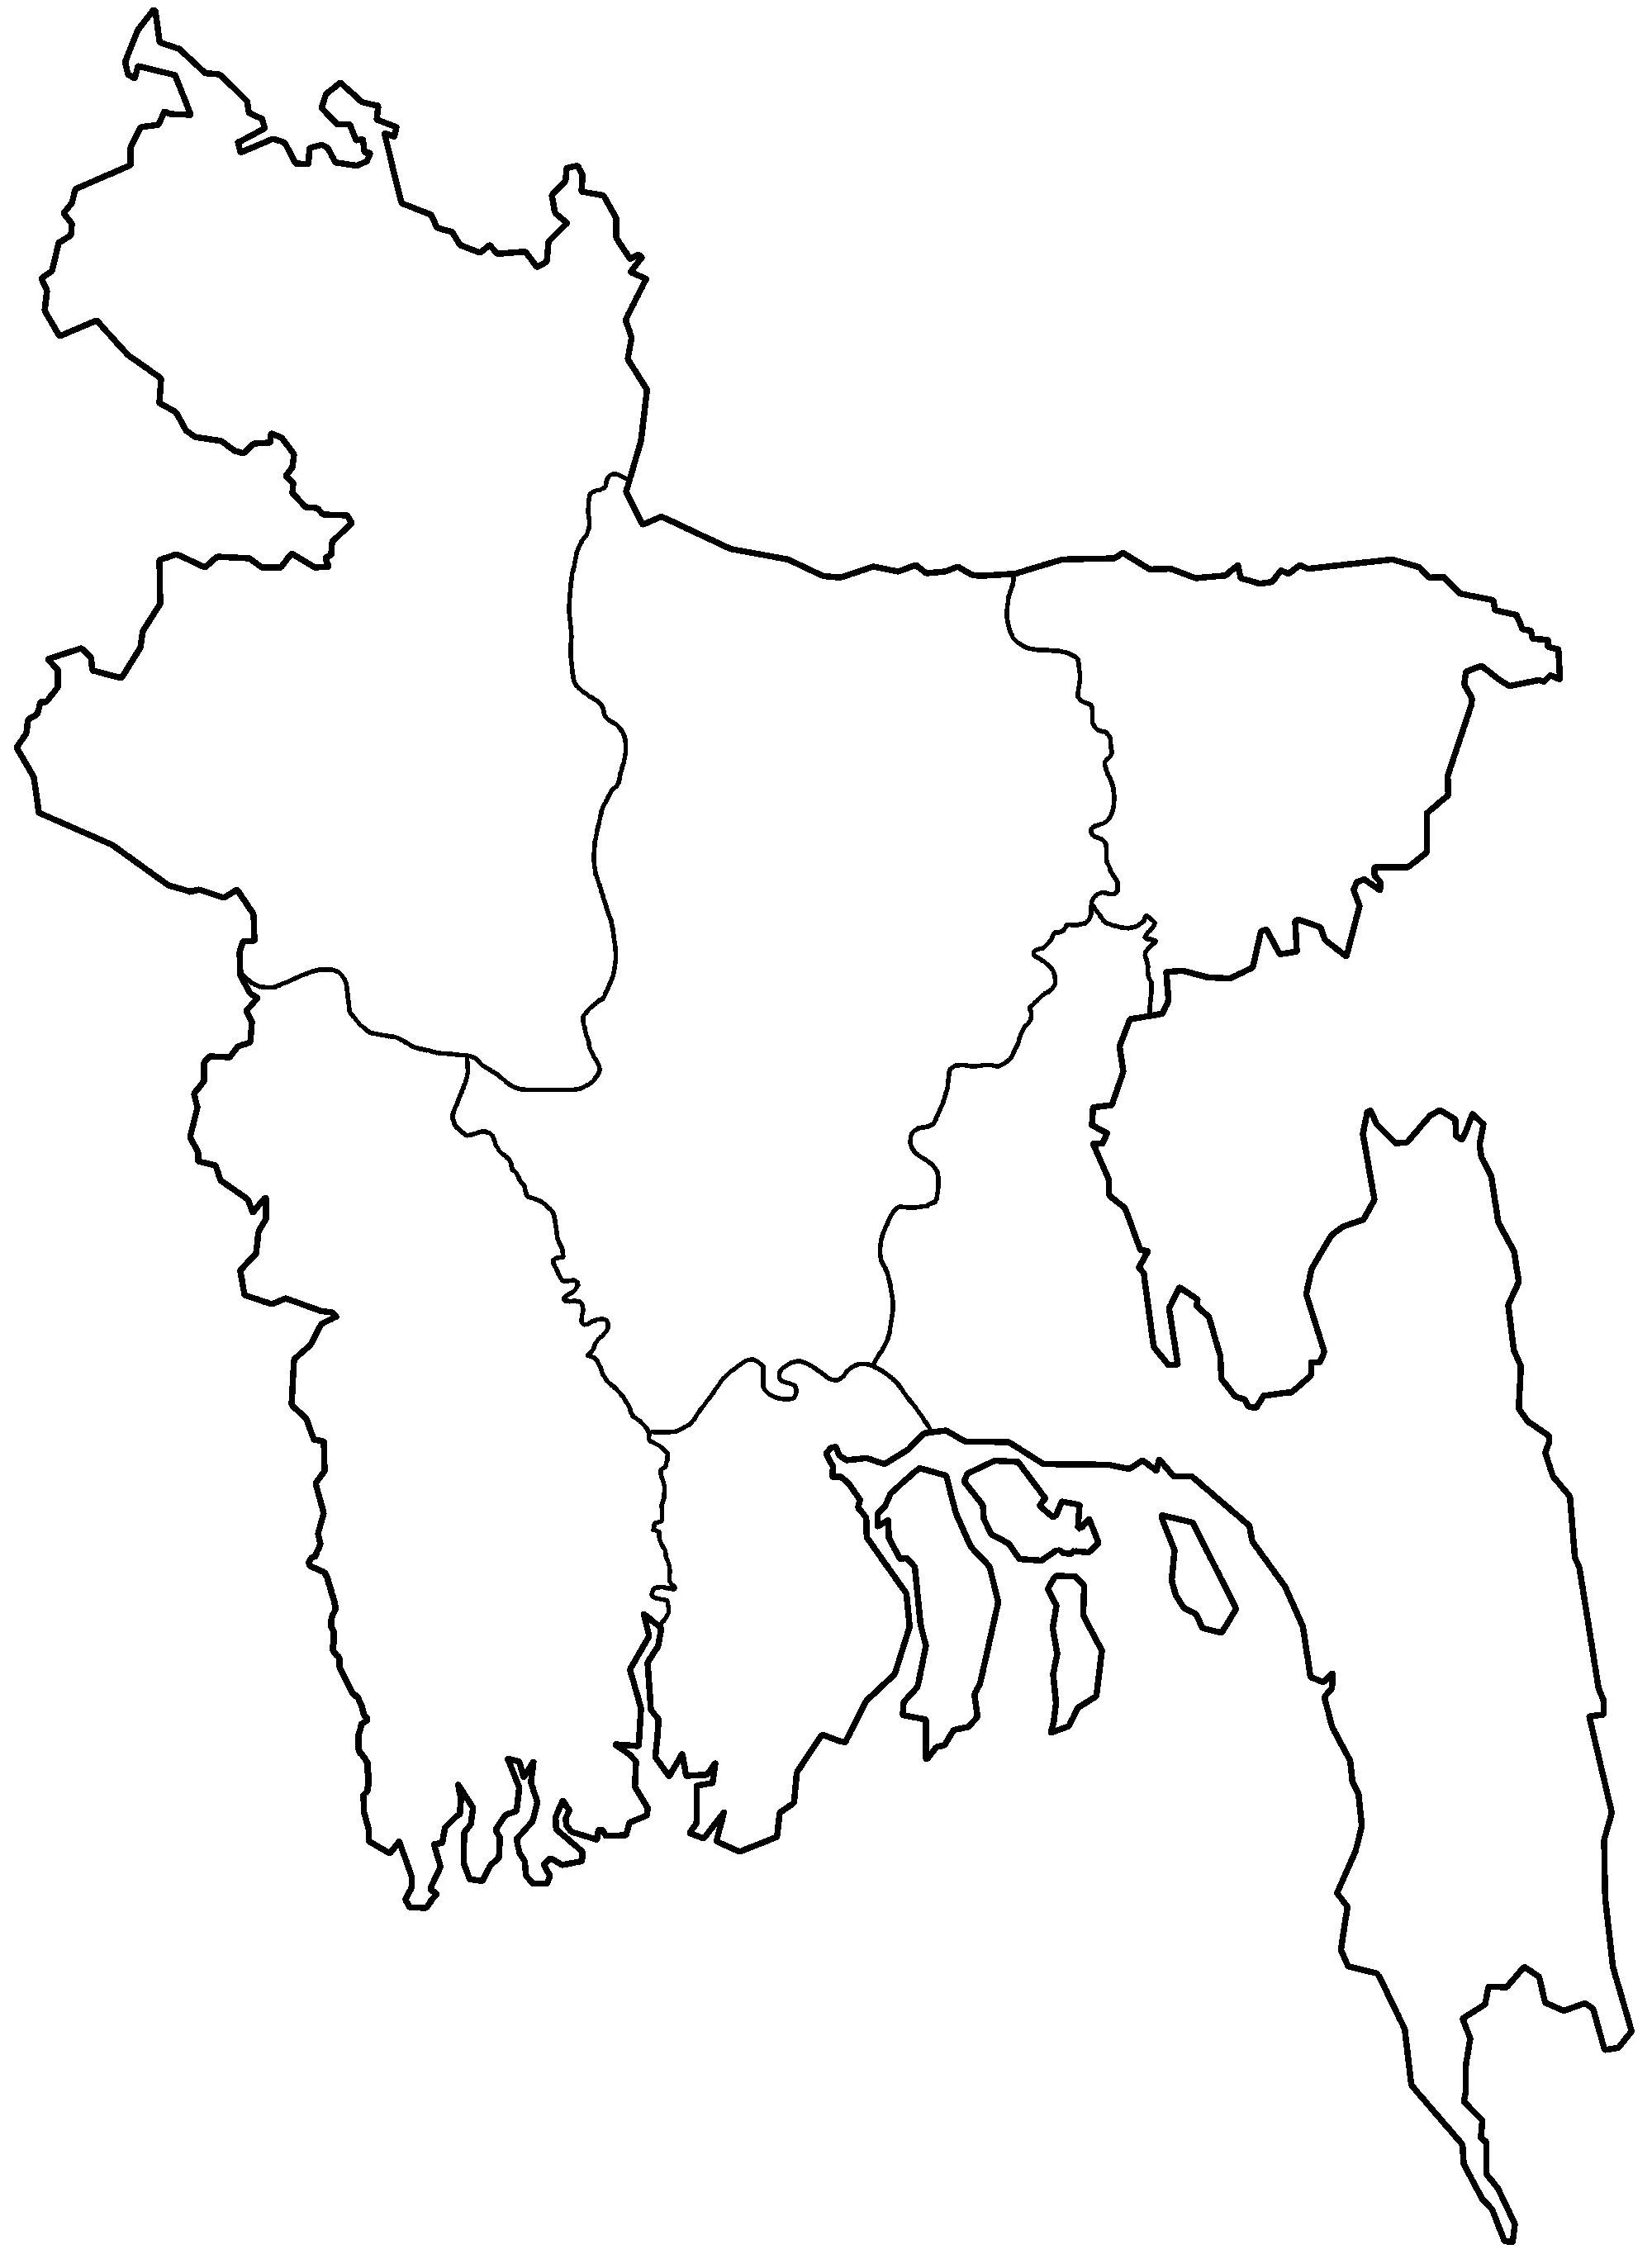 Bangladesh Divisions Blank Mapsof